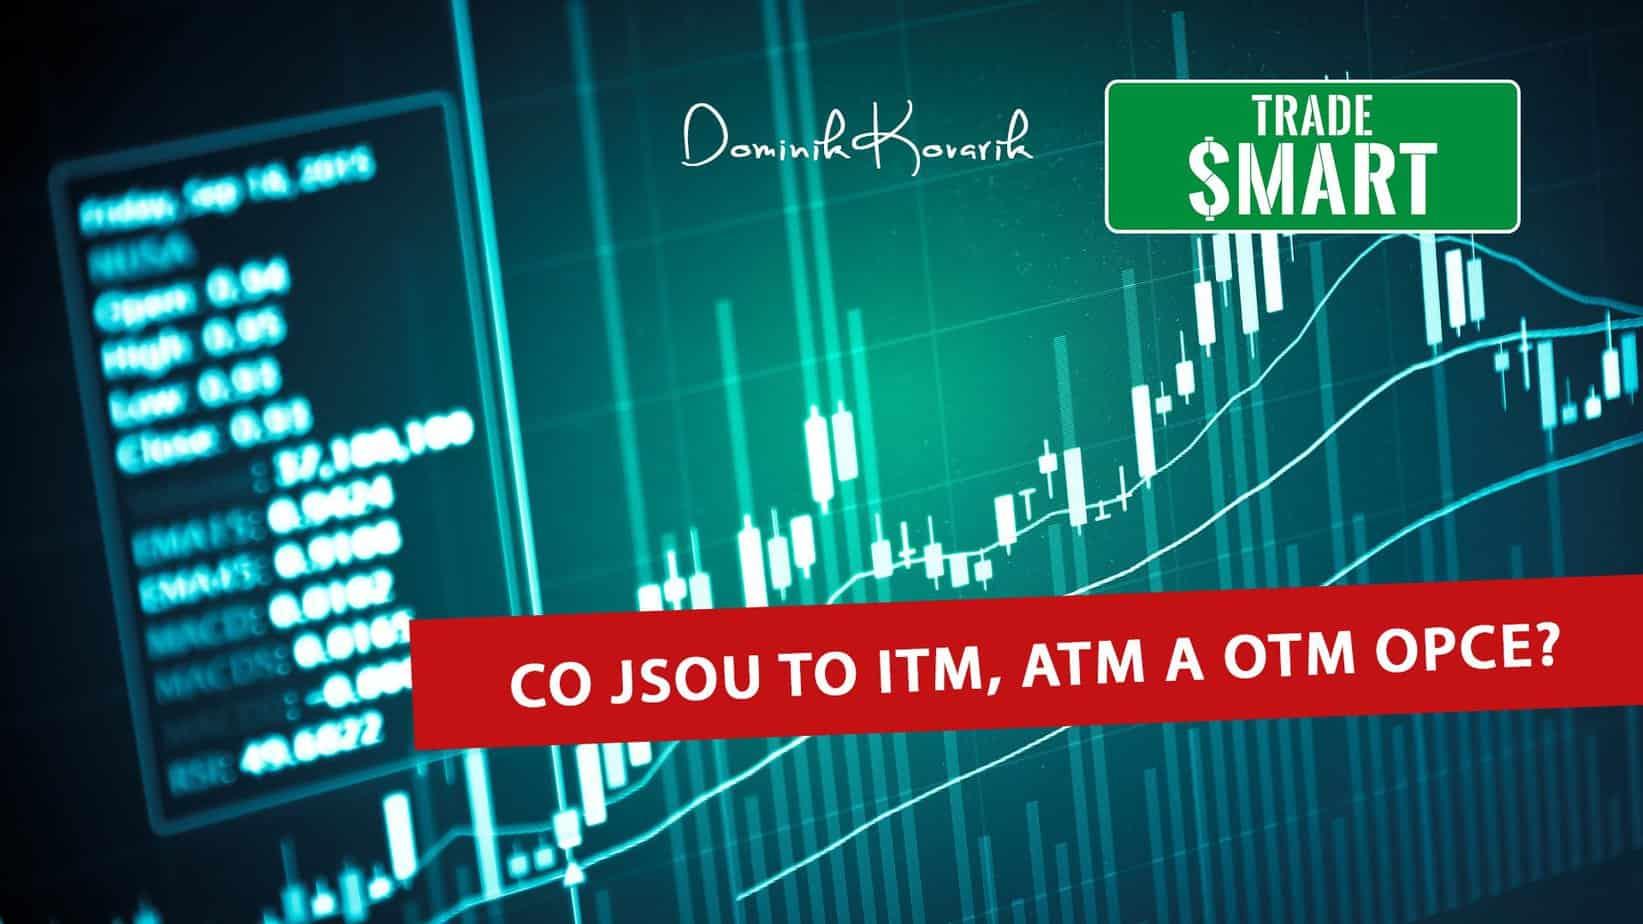 Co jsou to ITM, ATM a OTM opce?